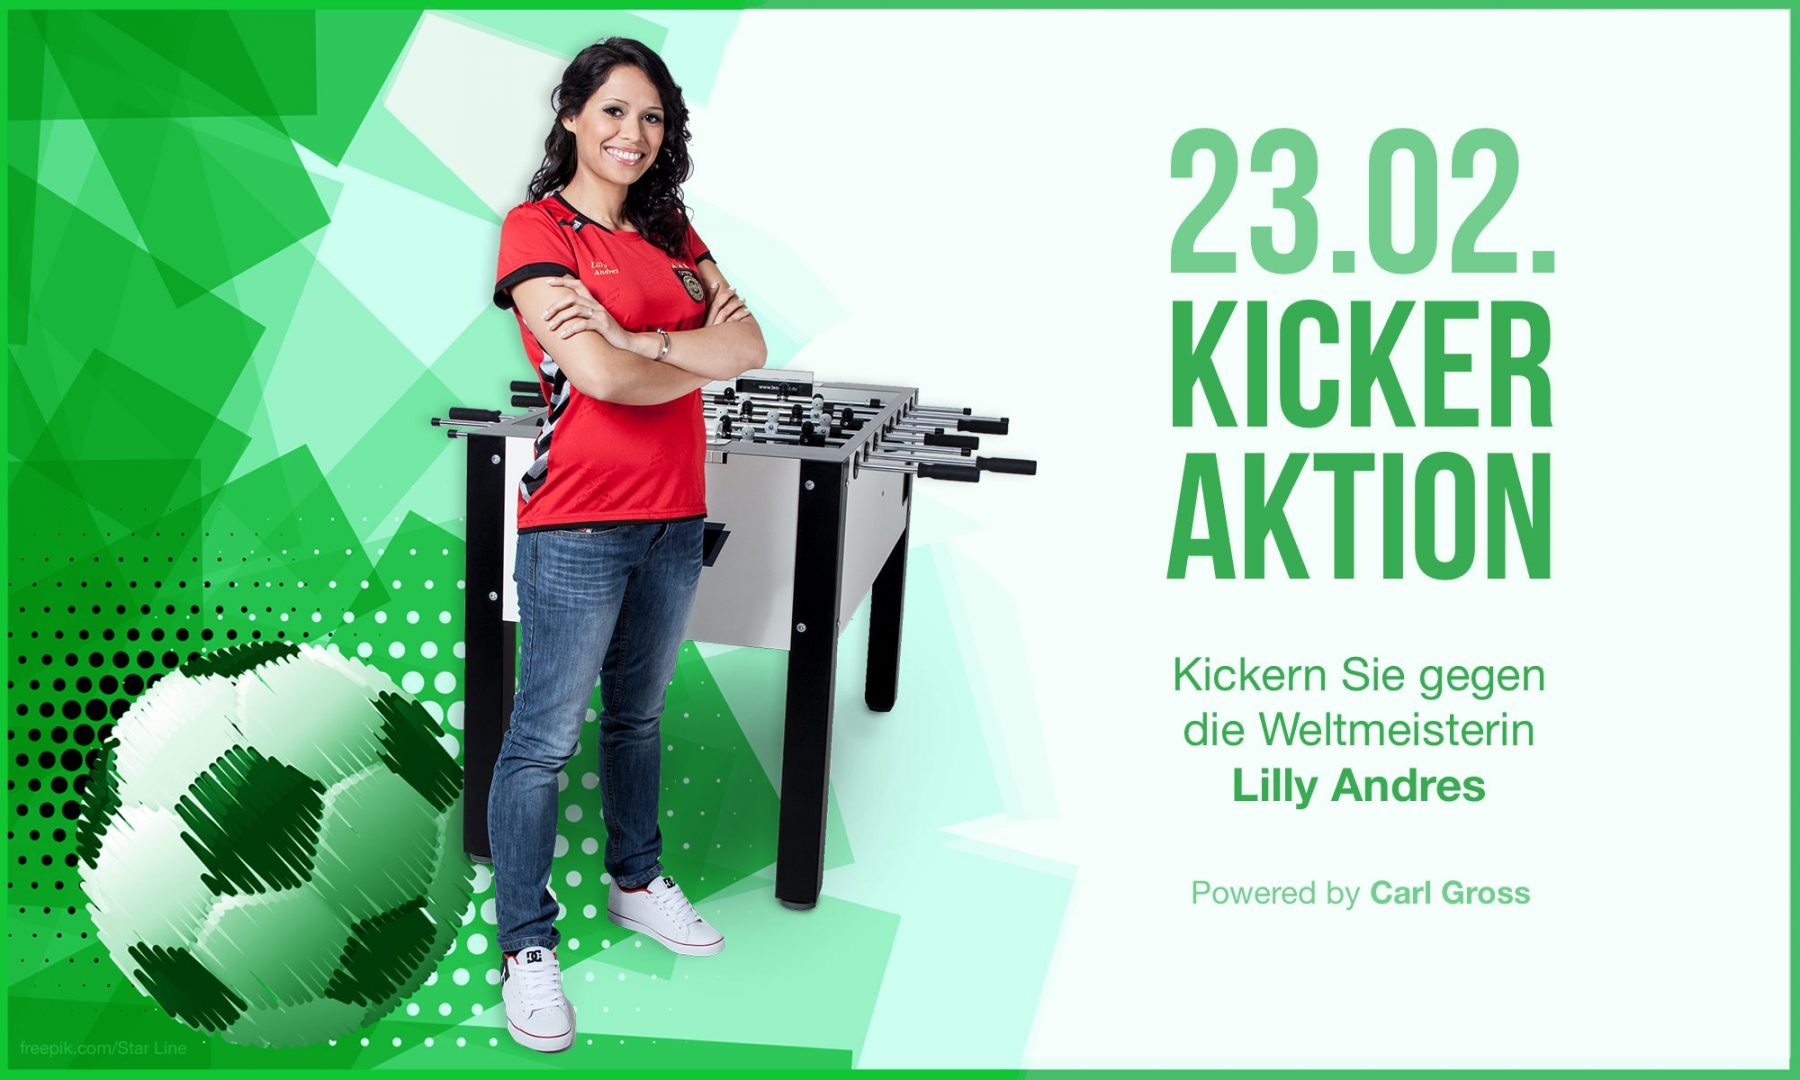 Tischkicker Aktion am 23.02.2019 mit Weltmeisterin